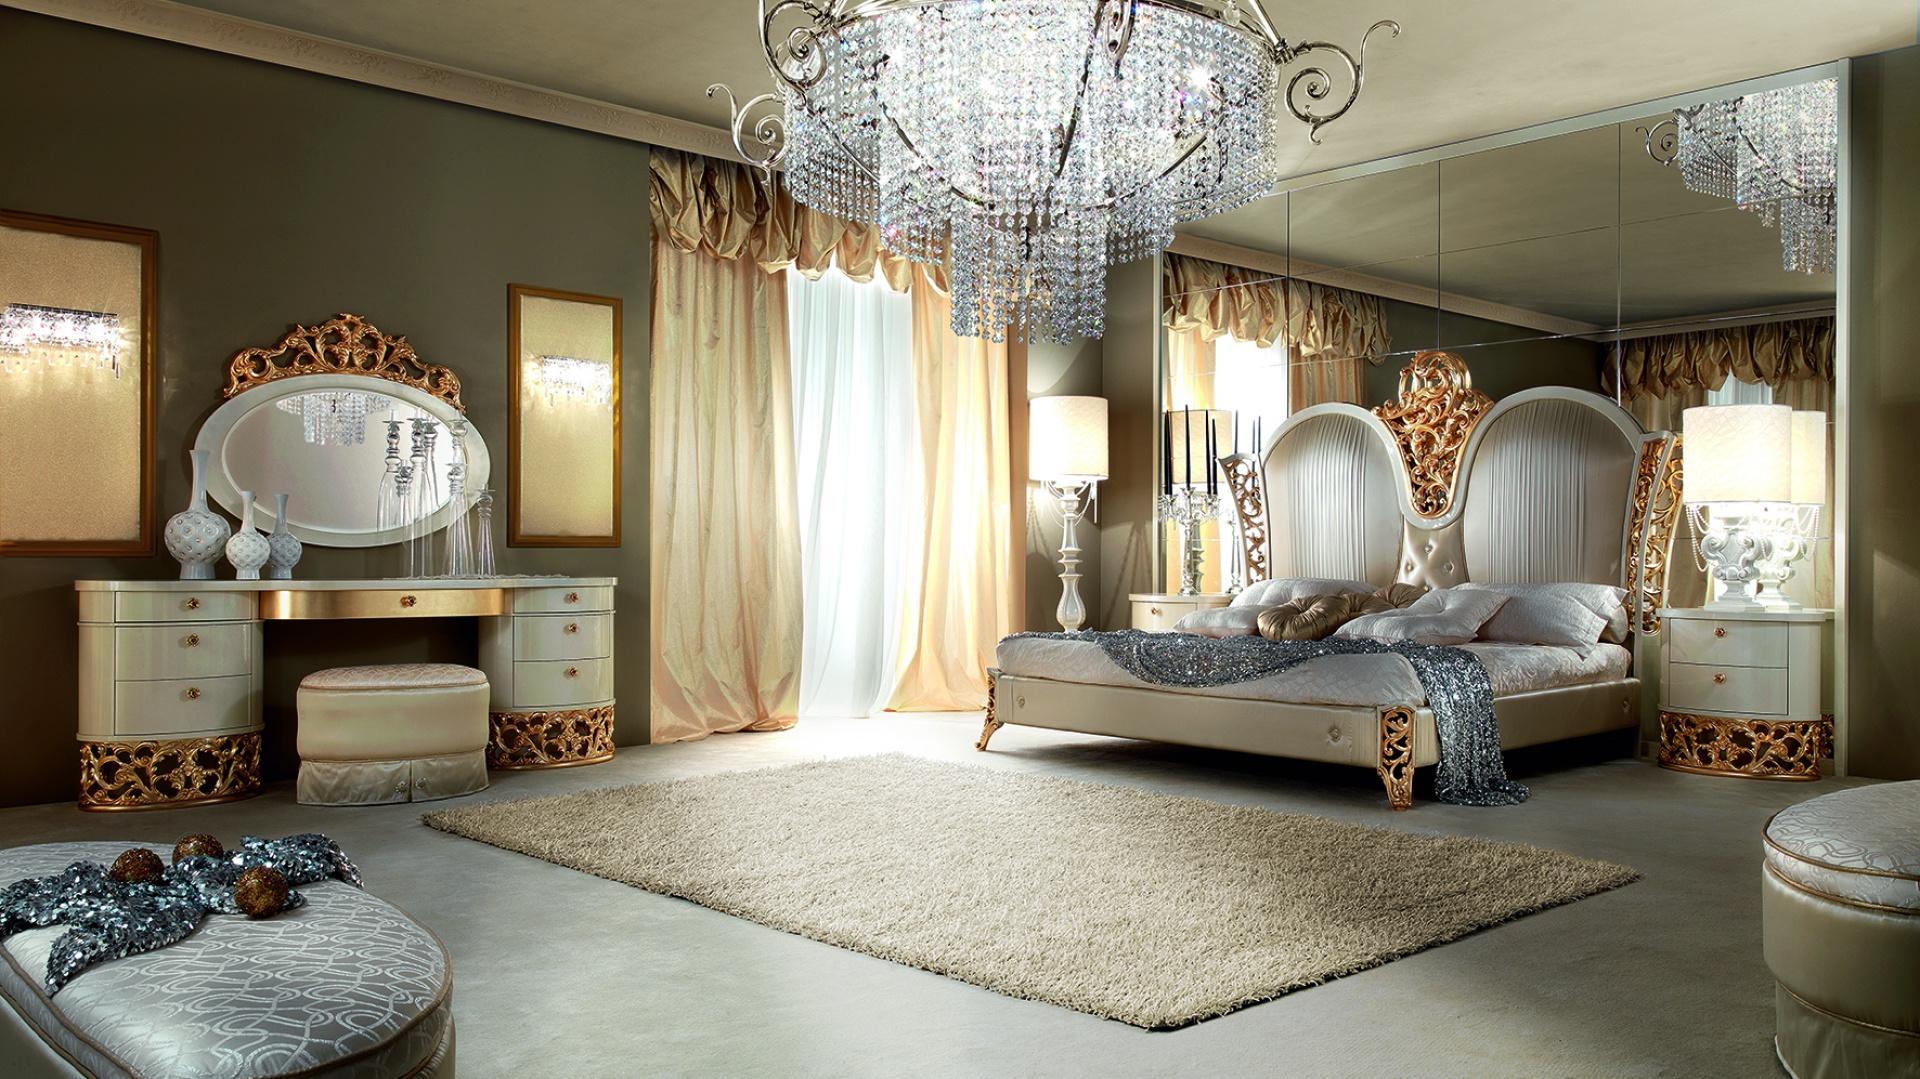 Sypialnia z kolekcji L'Incanto marki Lanpas. Fot. Lanpas